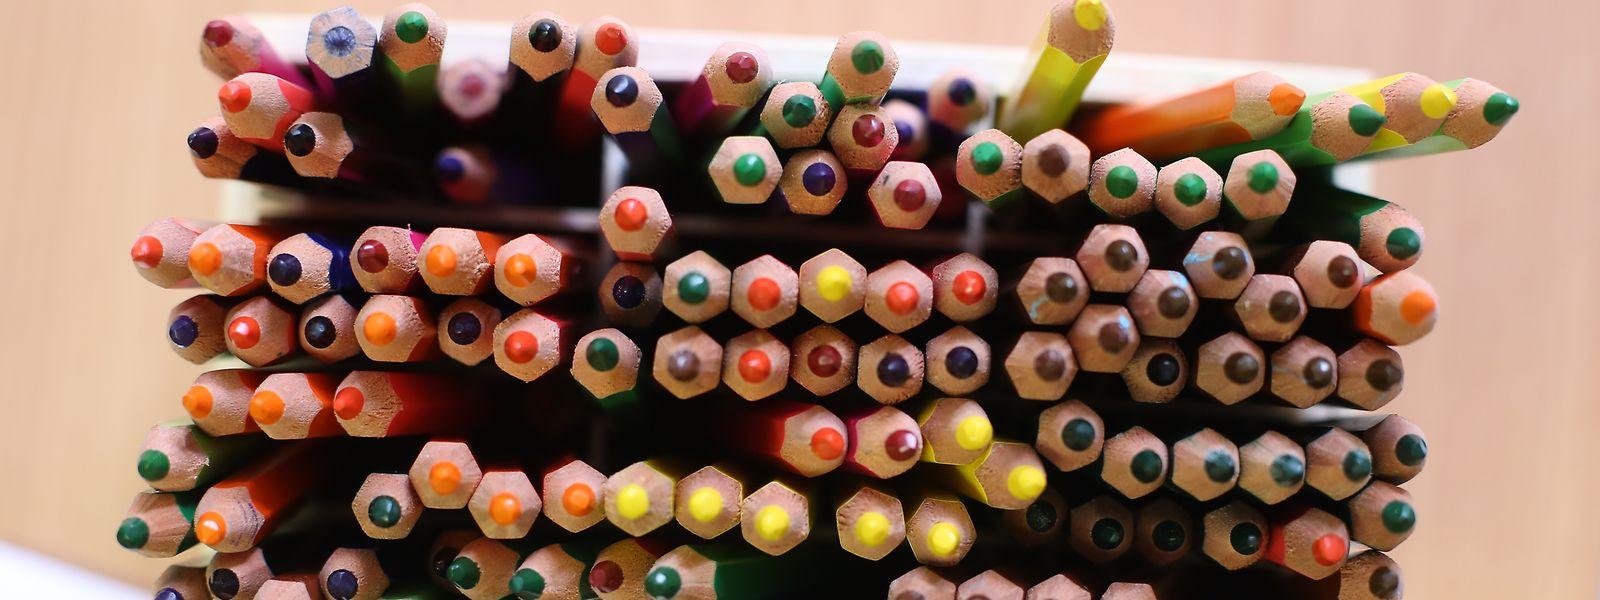 Die Stiftung Warentest hat Produkte für Kinder getestet, darunter Buntstifte.